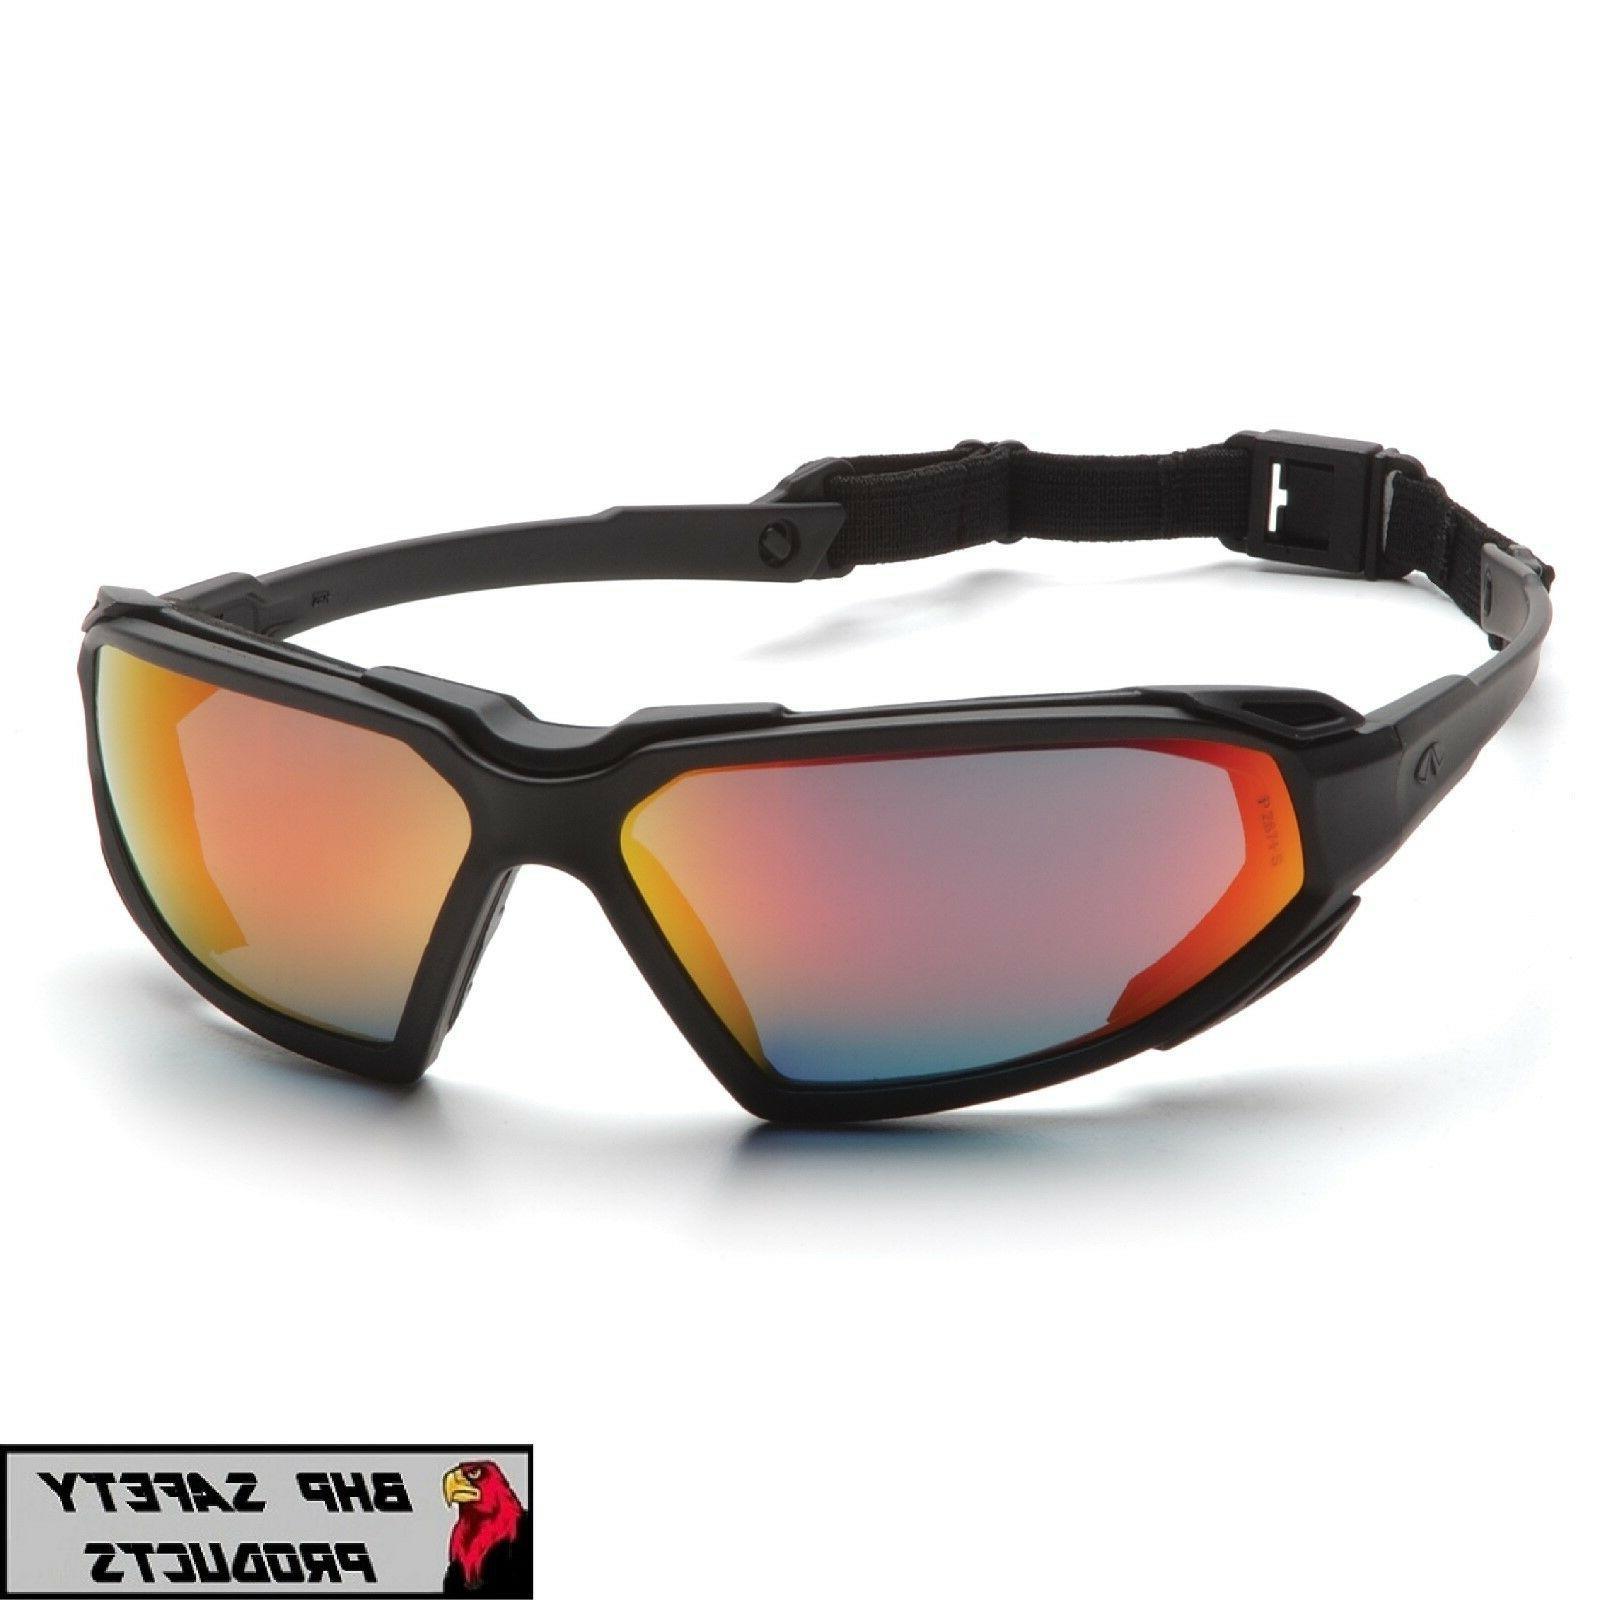 safety glasses highlander sky red